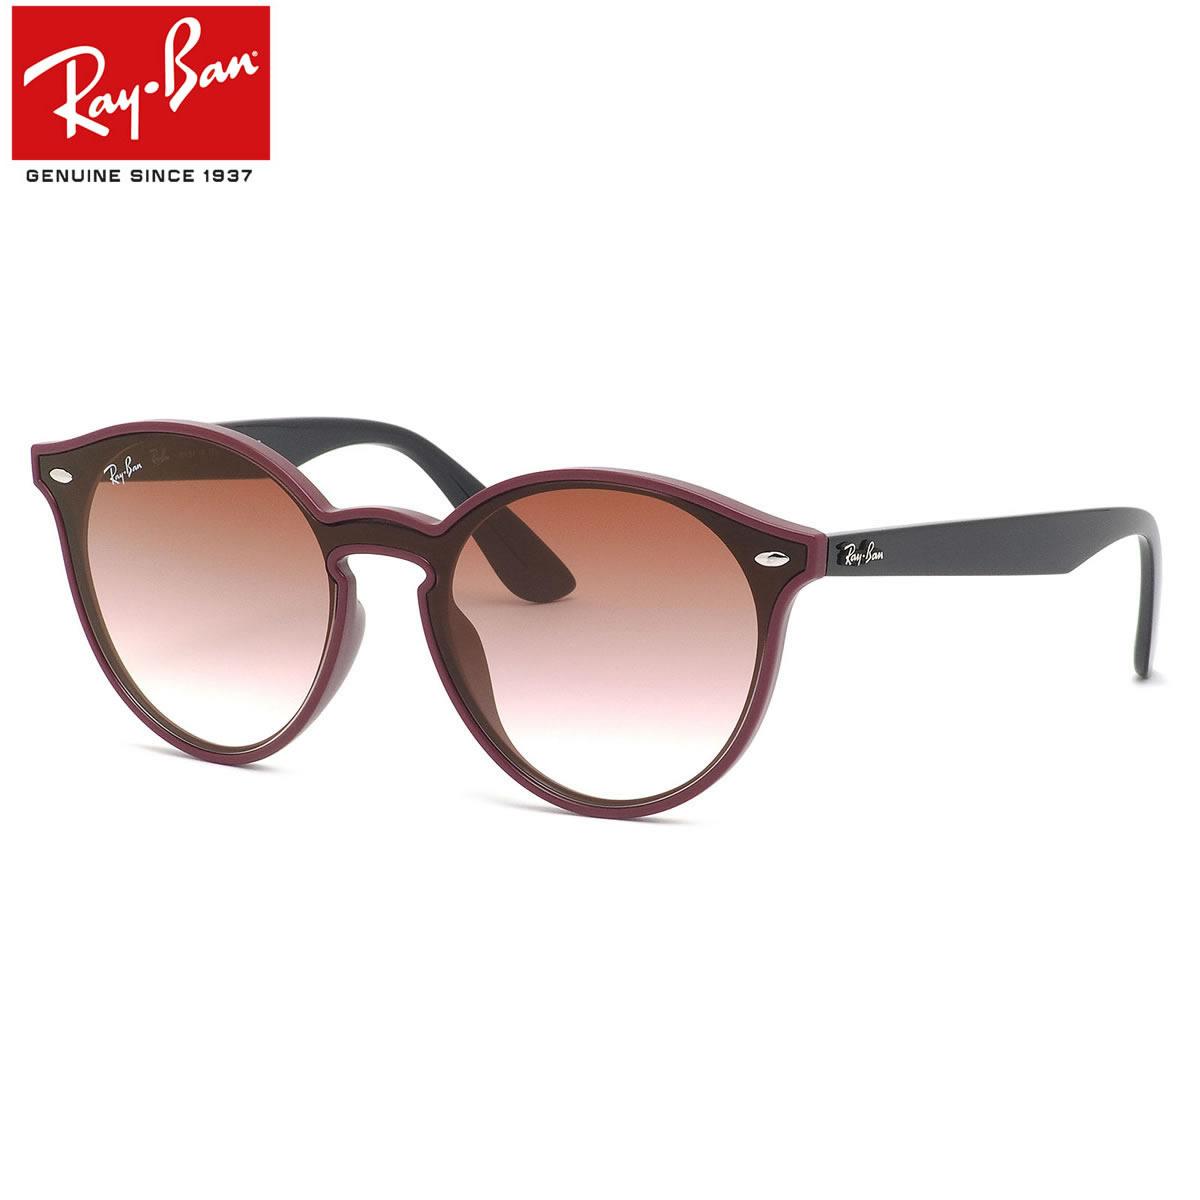 レイバン サングラス Ray Ban RB4380NF 64180T 139サイズ HIGHSTREET BLAZE ハイストリート ブレイズ レディースモデル RayBan 1枚レンズ フルフィット グラデーションミラー ワインgyv6bYf7